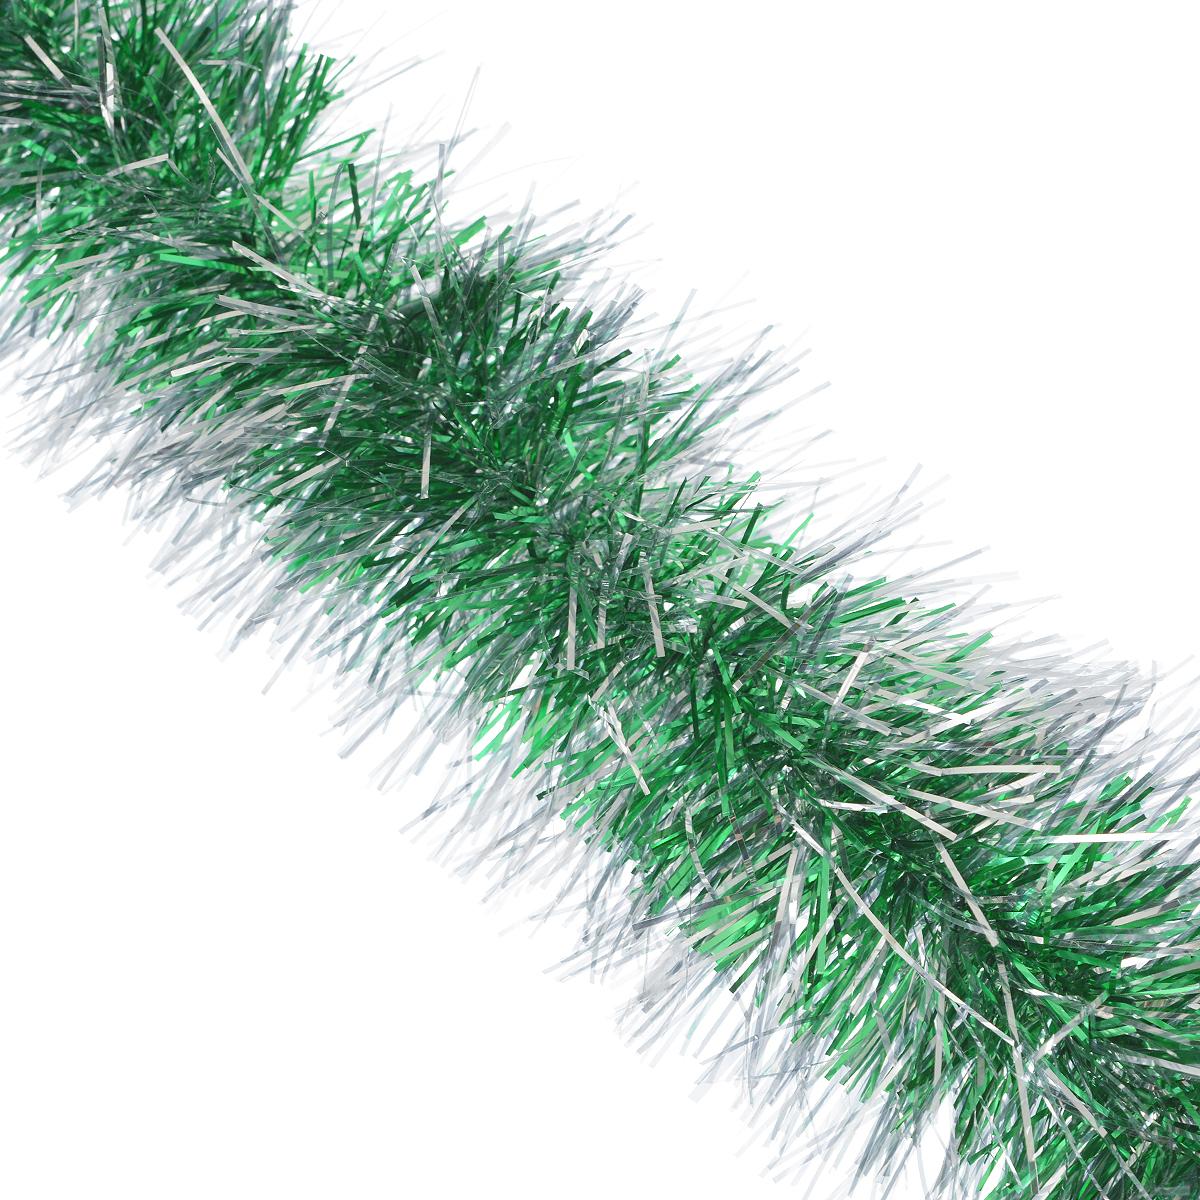 Мишура новогодняя Sima-land, цвет: зеленый, серебристый, диаметр 10 см, длина 160 см. 62323335525Мишура новогодняя Sima-land, выполненная из фольги, поможет вам украситьсвой дом к предстоящим праздникам. Мишура армирована, то есть имеетпроволоку внутри и способна сохранять приданную ейформу. Новогодняя елка с таким украшением станет еще наряднее.Новогодней мишурой можно украсить все, что угодно - елку, квартиру, дачу, офис -как внутри, так и снаружи. Можно сложить новогодние поздравления, буквы ицифры, мишурой можно украсить и дополнить гирлянды, можно выделитьдверные колонны, оплести дверные проемы.